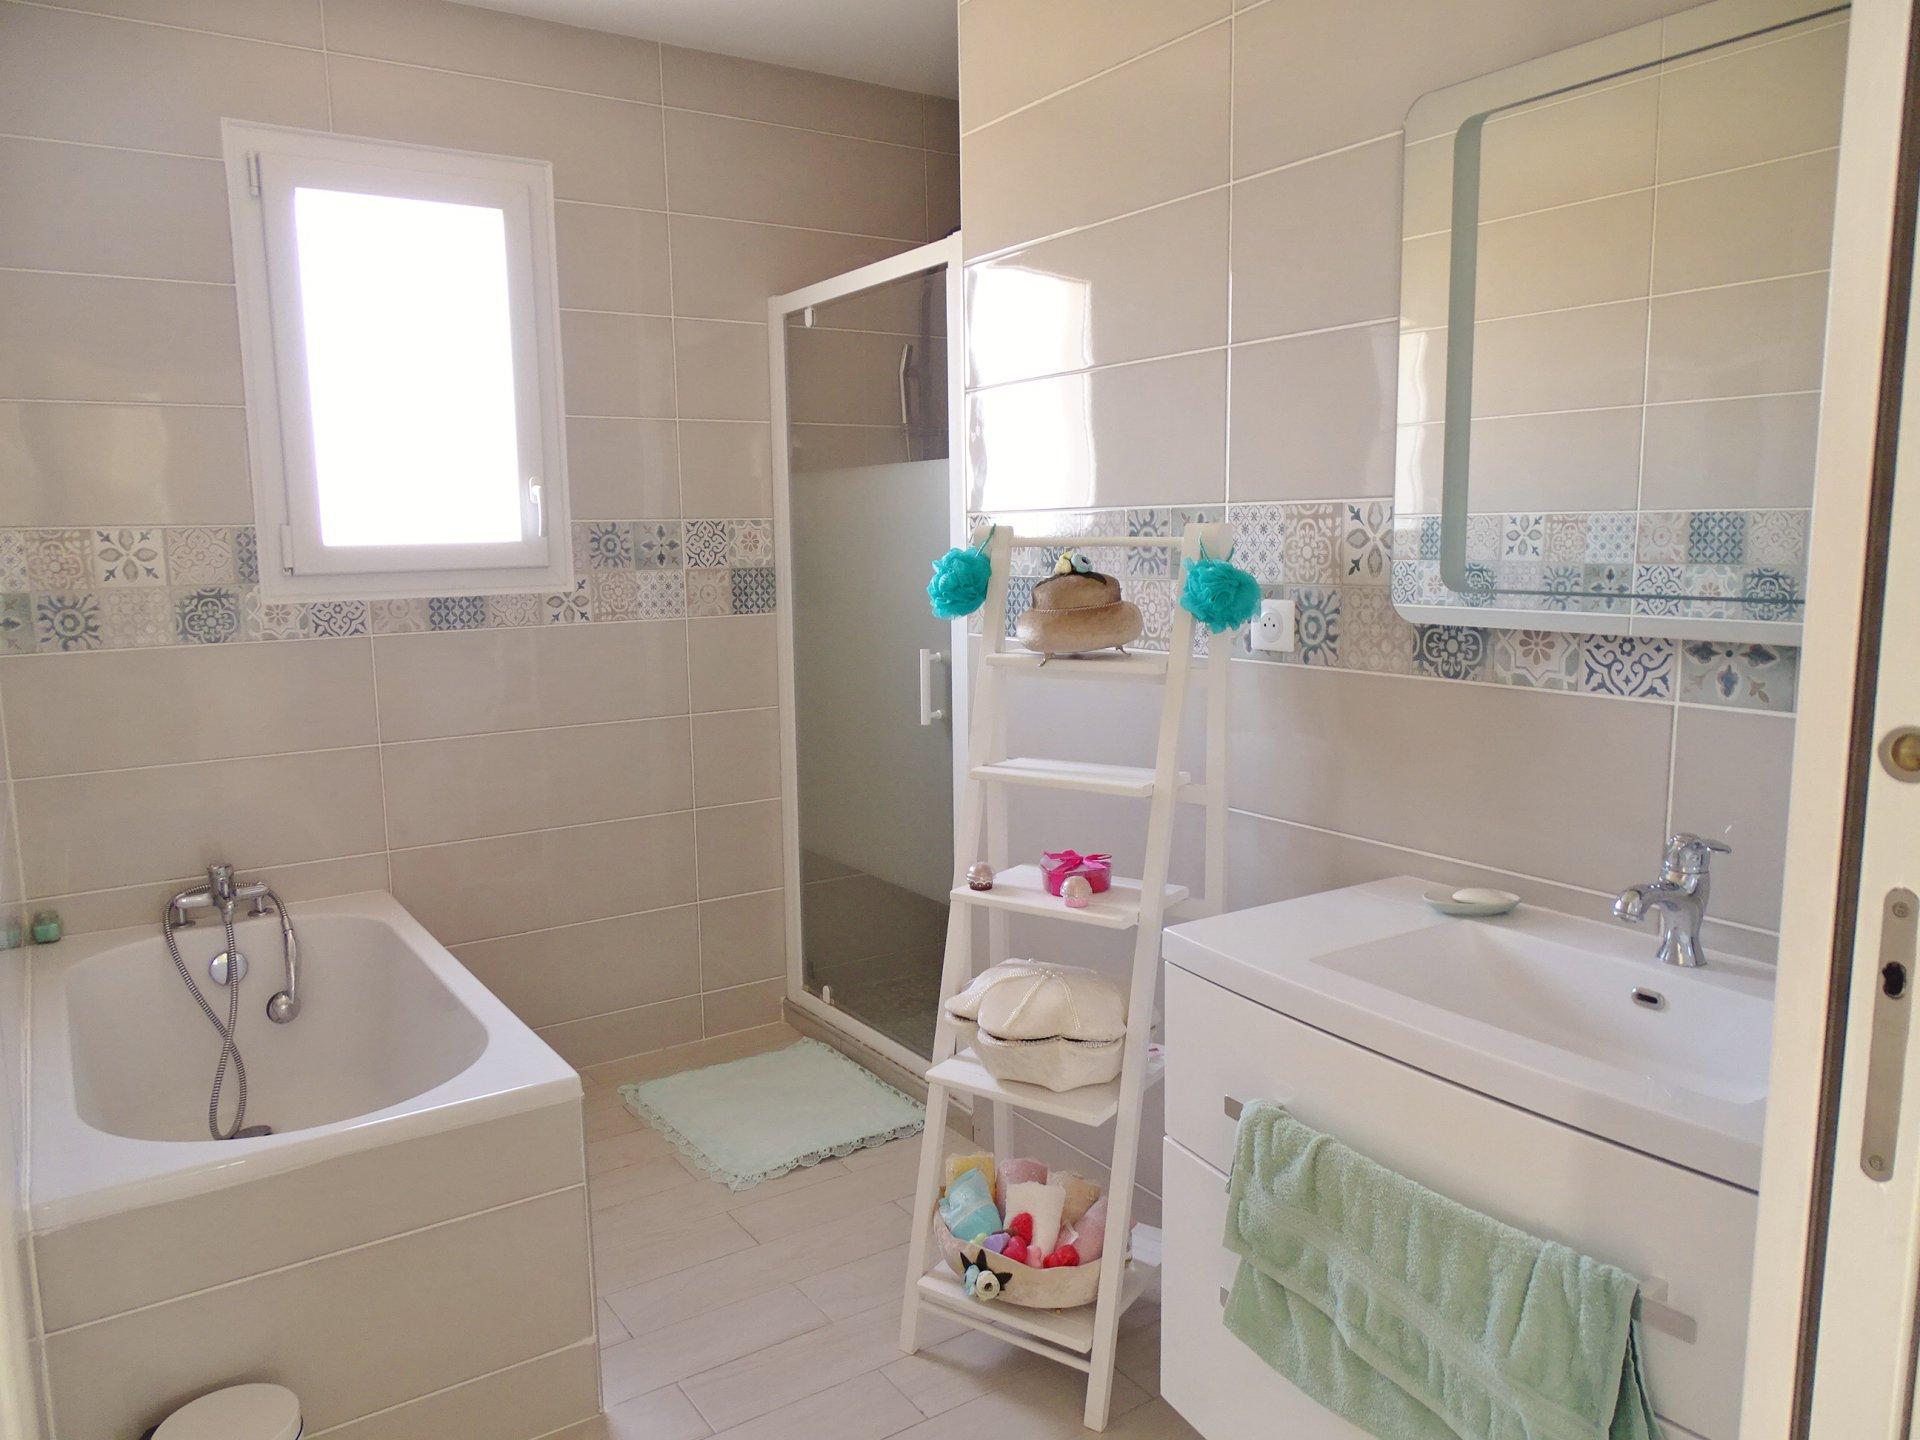 Située au calme et hors lotissement, cette maison construite en 2017 offre de plain pied une belle entrée avec rangements, puis un séjour très lumineux ouvert sur une cuisine équipée. L'ensemble donne directement sur une terrasse bien exposée. A l'étage vous découvrirez 3 chambres (11 m², 12,2 m² et 12,6 m²) et une très belle salle de bains avec baignoire et douche. Garage attenant et buanderie très fonctionnelle. Chauffage au sol par pompe à chaleur. Petit terrain facile d'entretien. Honoraires à la charge des vendeurs.